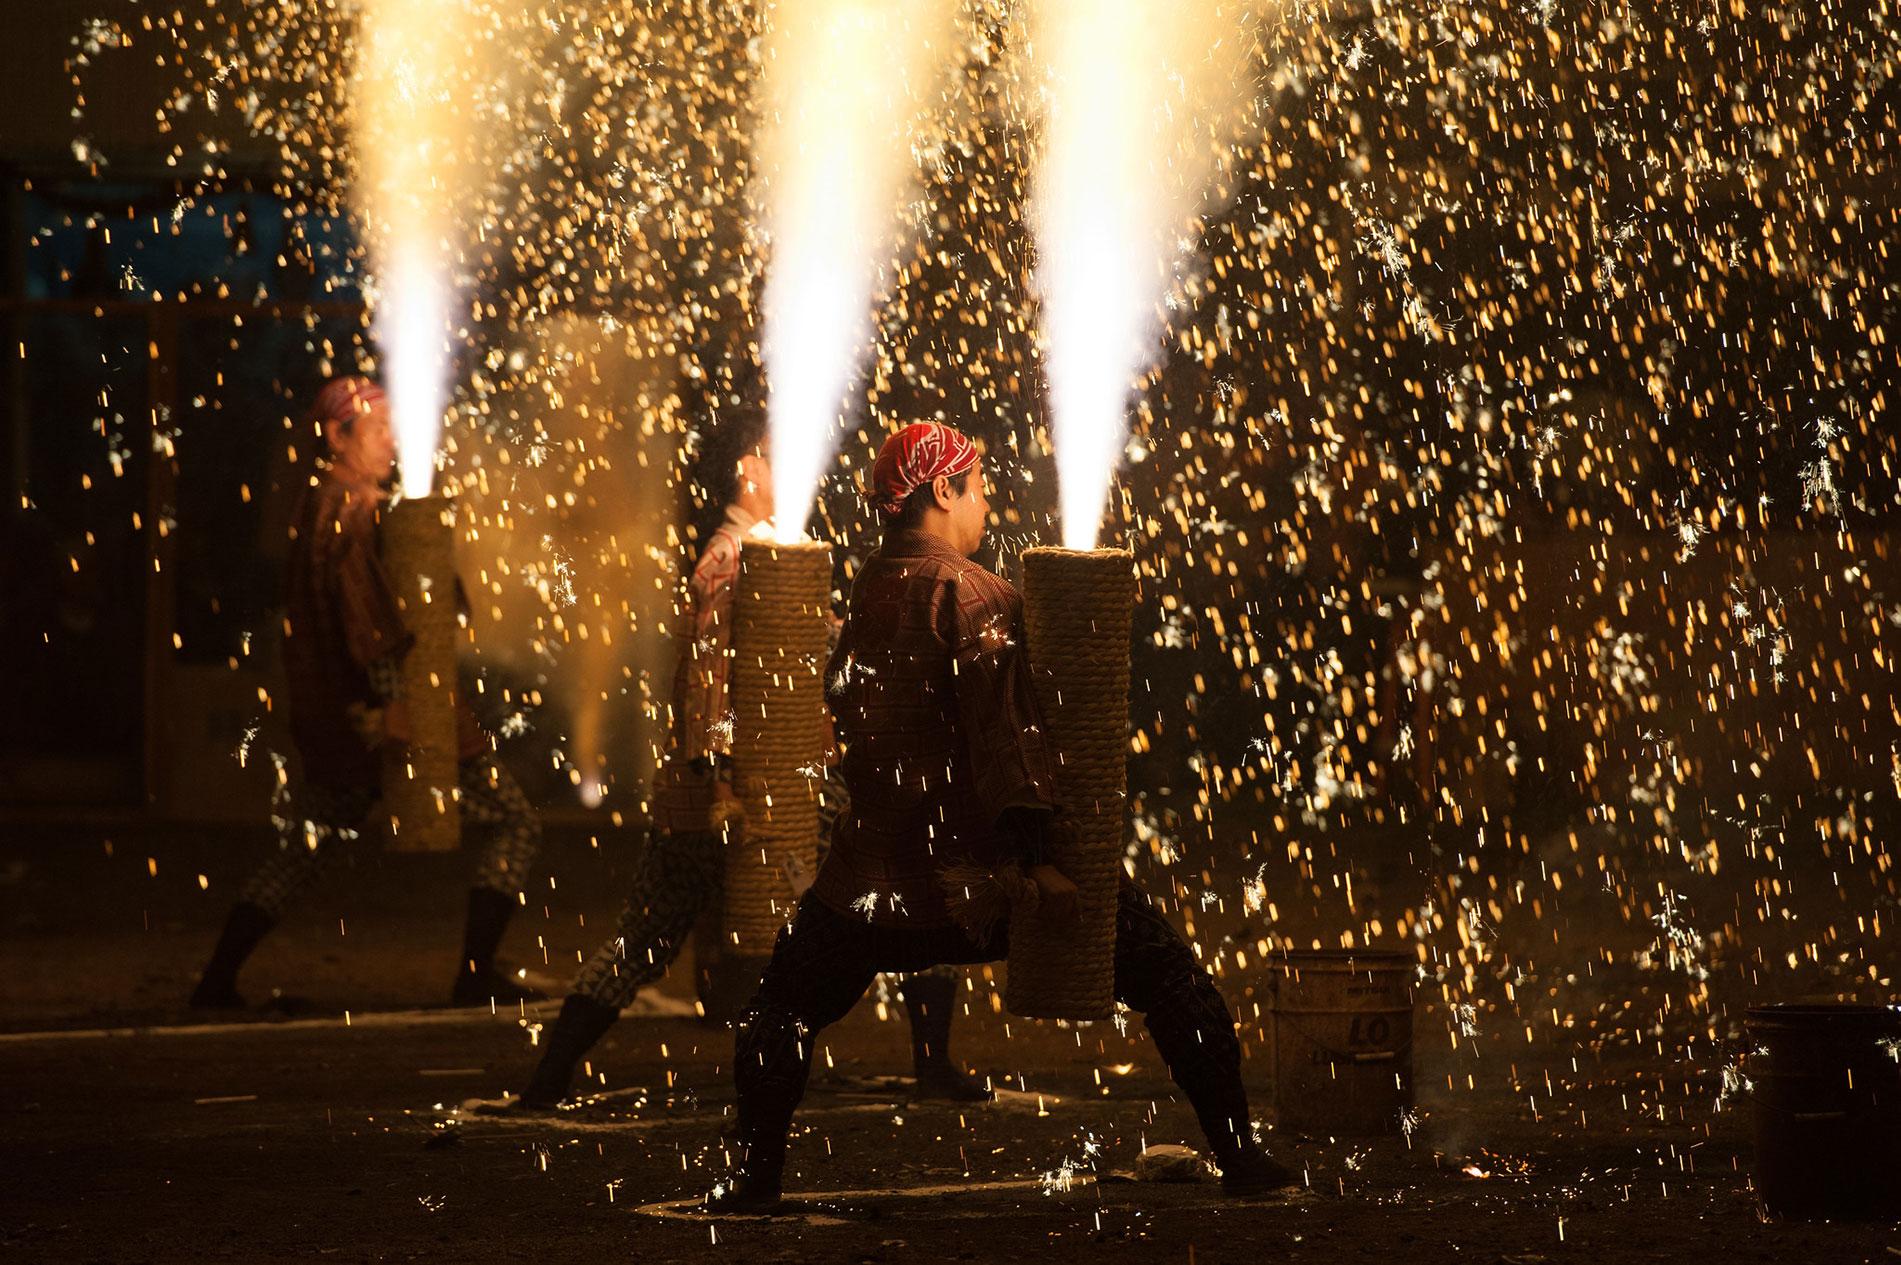 Feuerwerke in Japan sind verbunden mit traditionellem Handwerk und viel Mut. (Foto: Koji Ishii auf Flickr https://www.flickr.com/photos/koji1106/15441339561  CC BY 2.0)